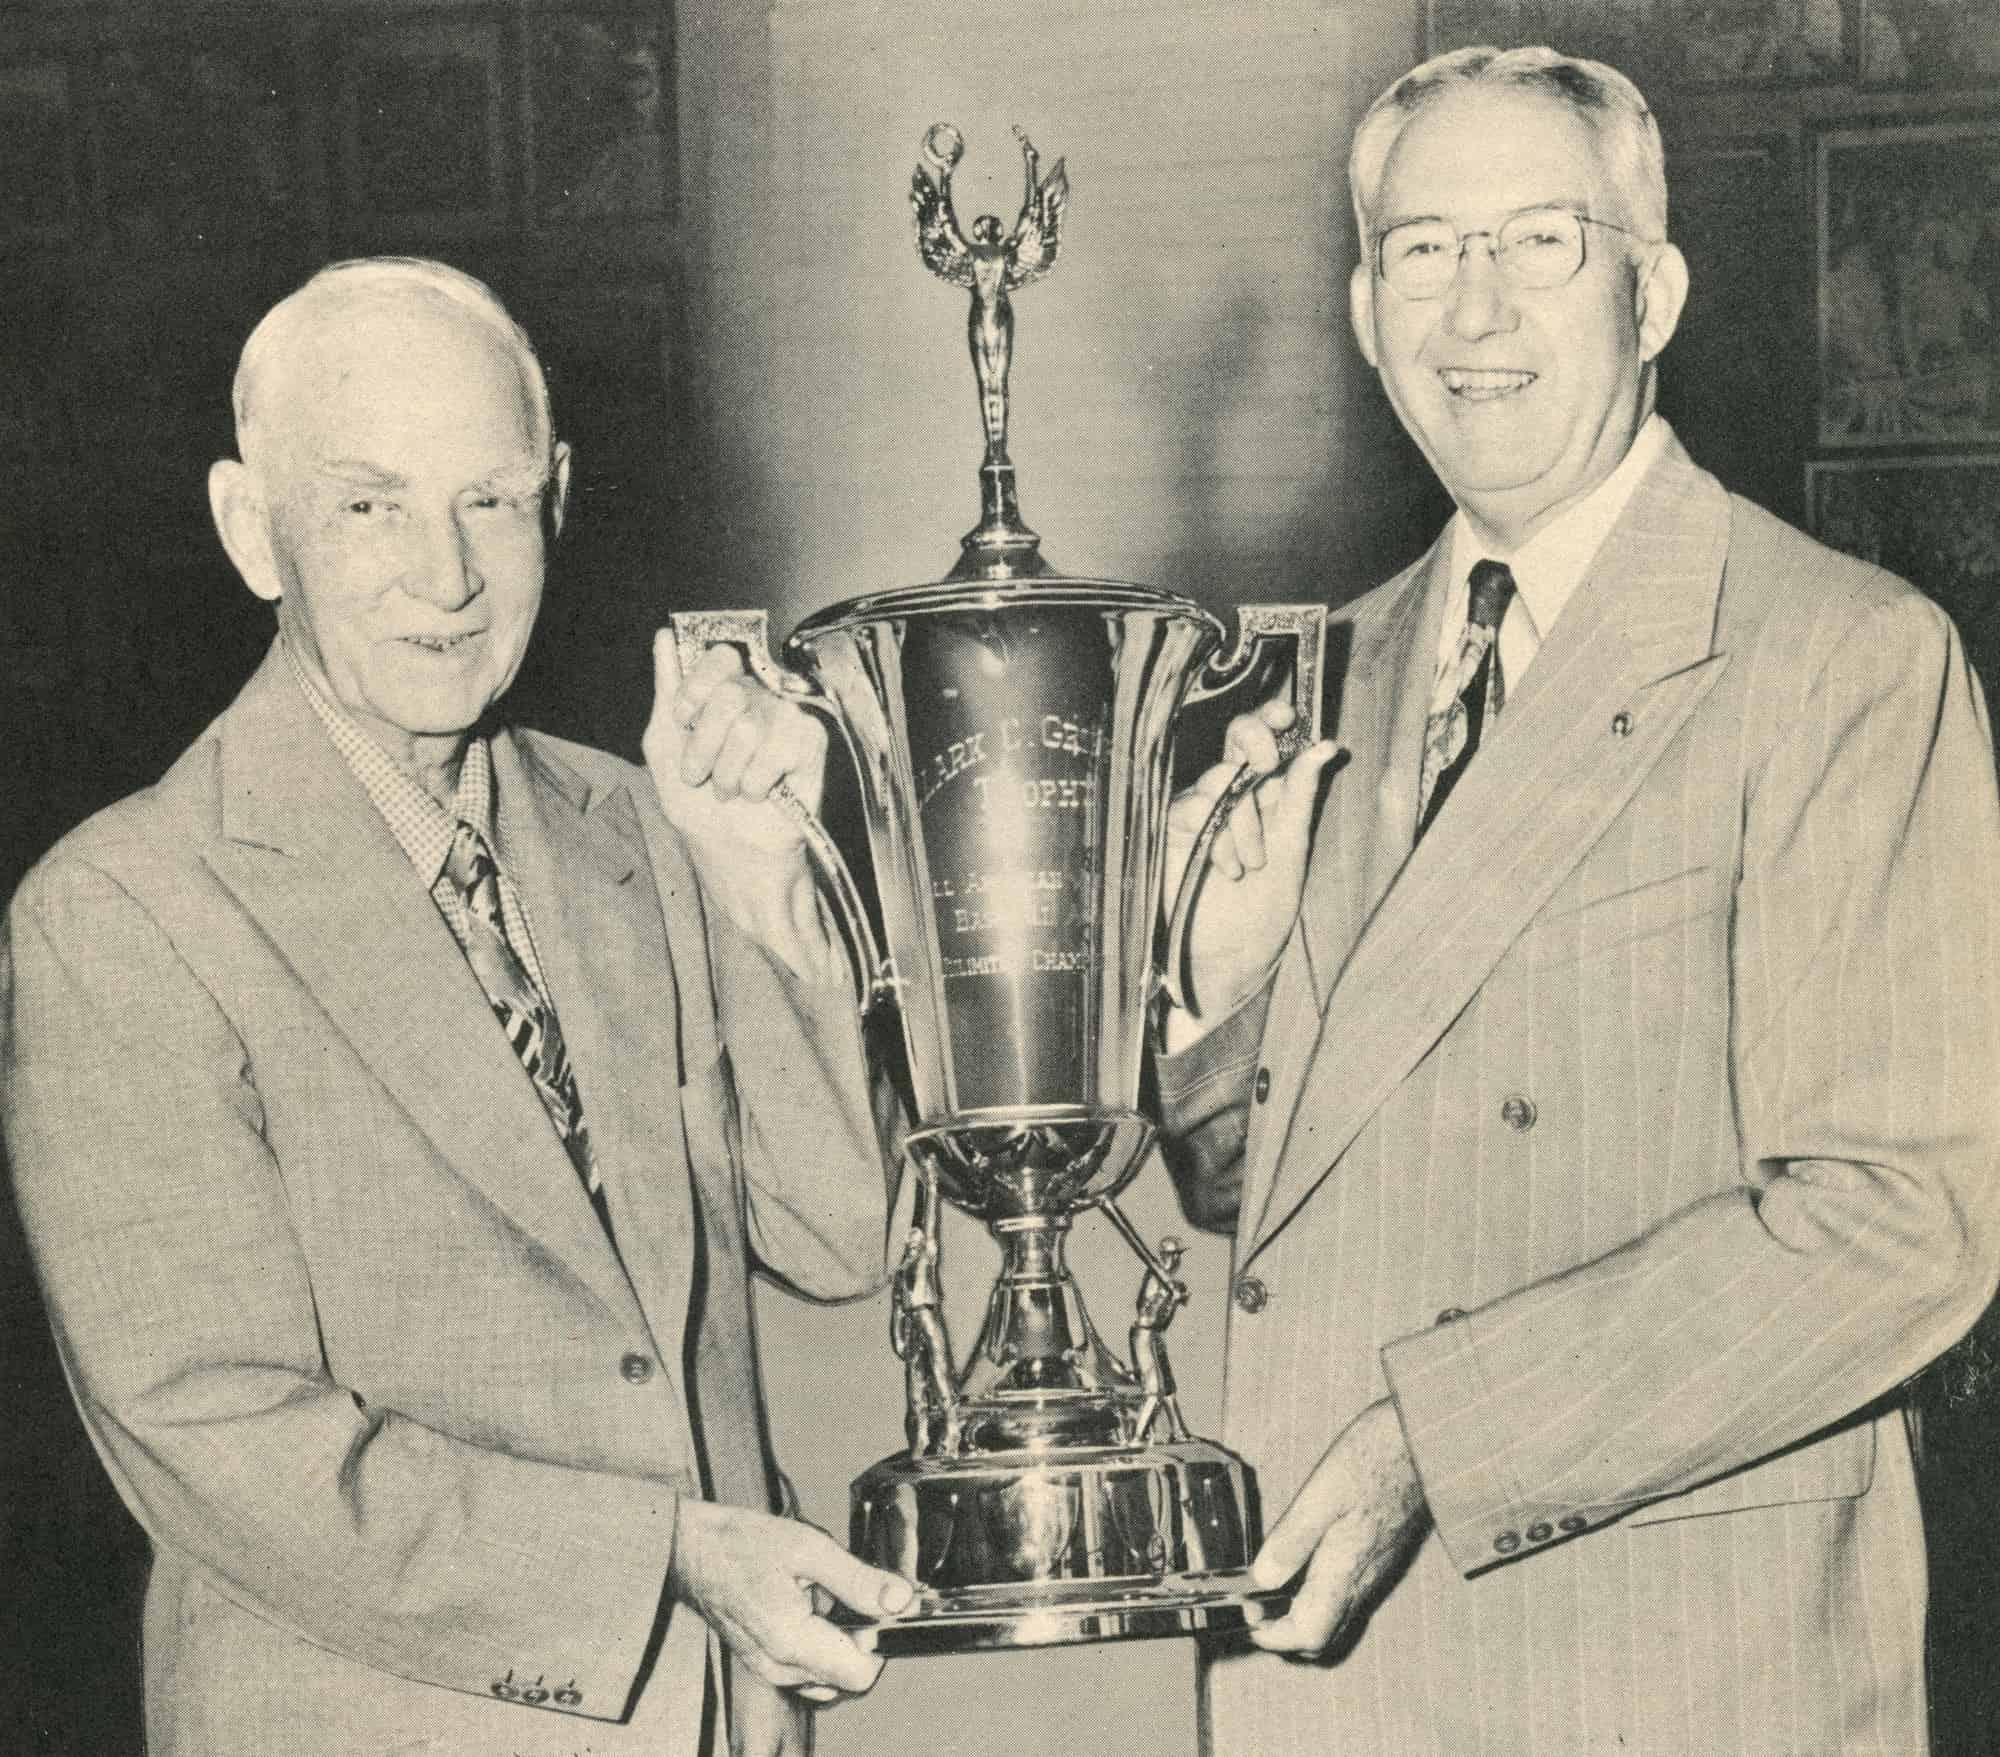 Glenn L Martin 1949 trophy